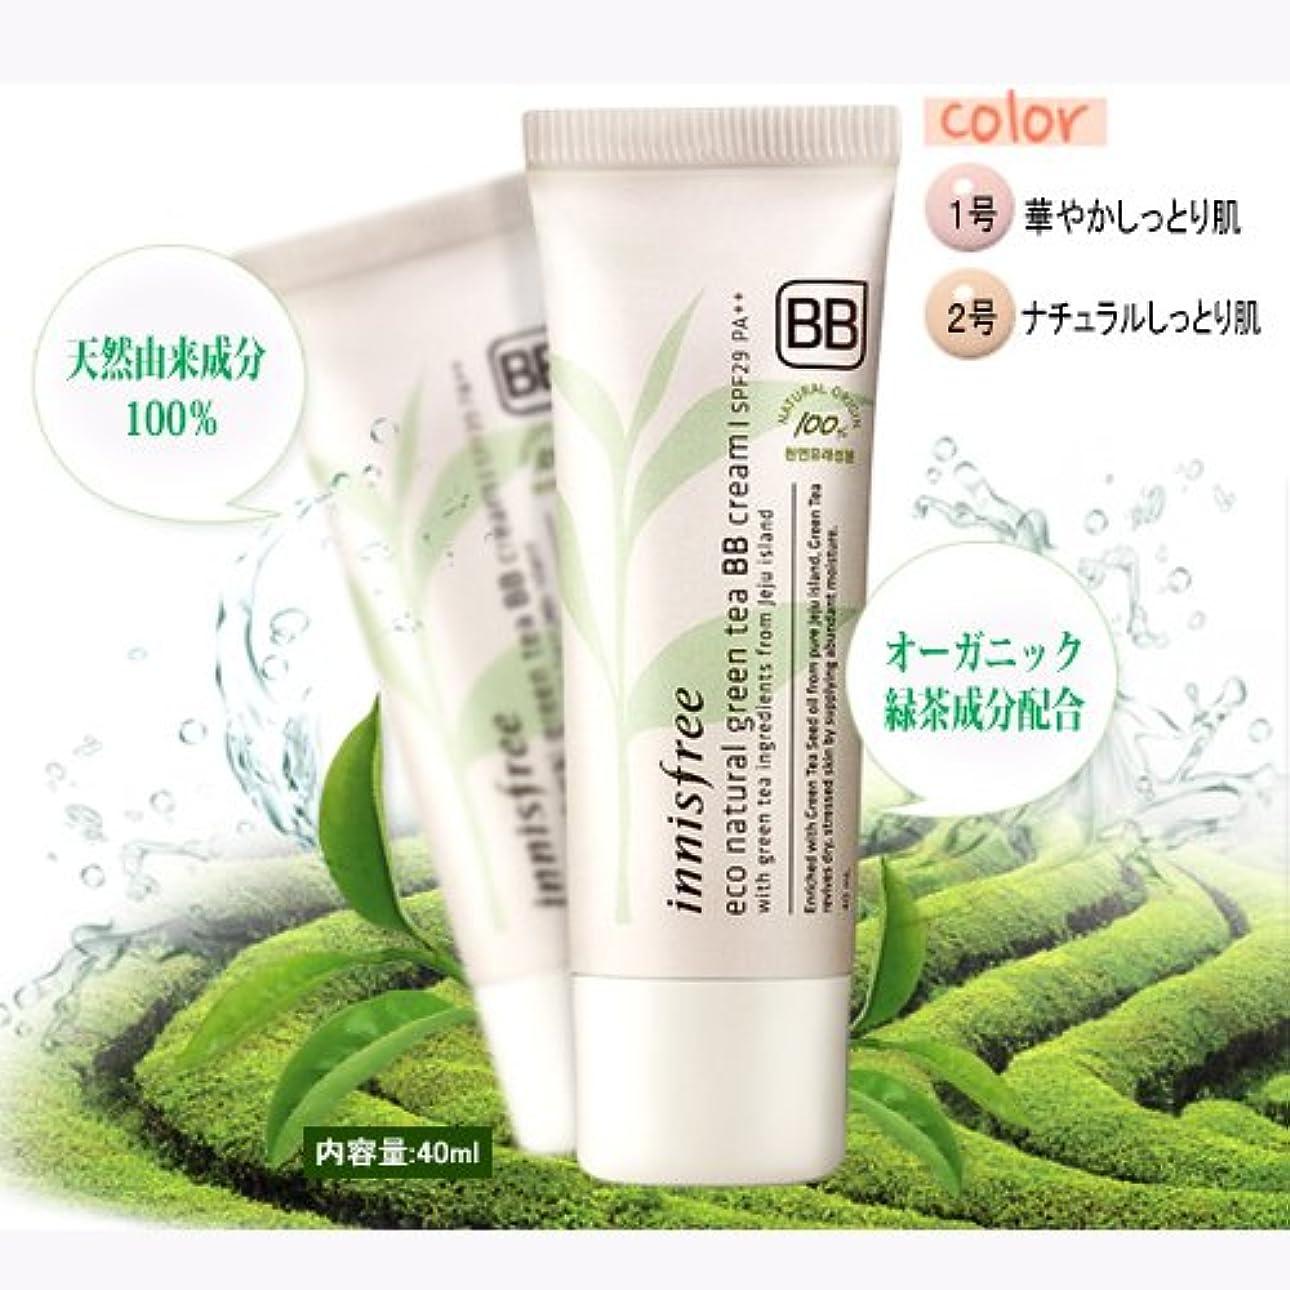 露平衡食欲innisfree/イニスフリー Eco Natural Green Tea BB Cream #02/エコナチュラルグリーンティーBBクリームナチュラルなしっとりお肌 SPF29PA++40ml